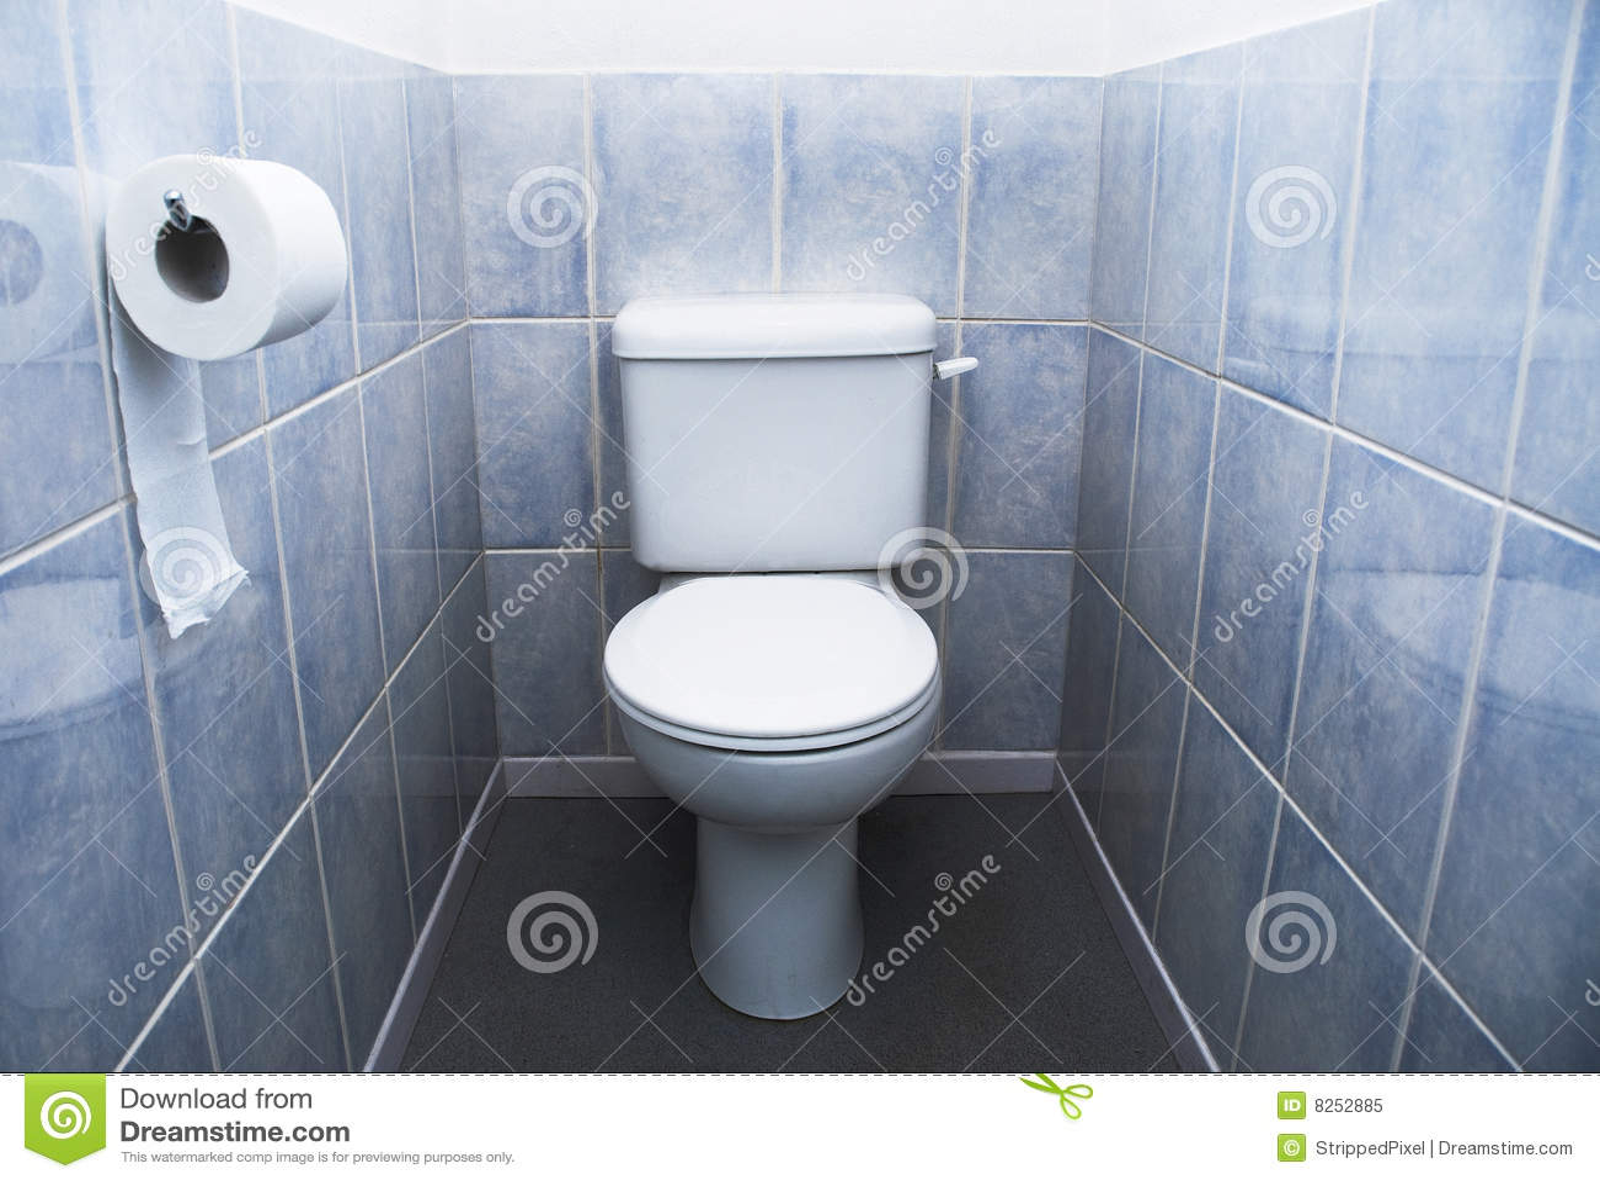 Toilet With Aqua Blue Tiles Royalty Free Stock Photo